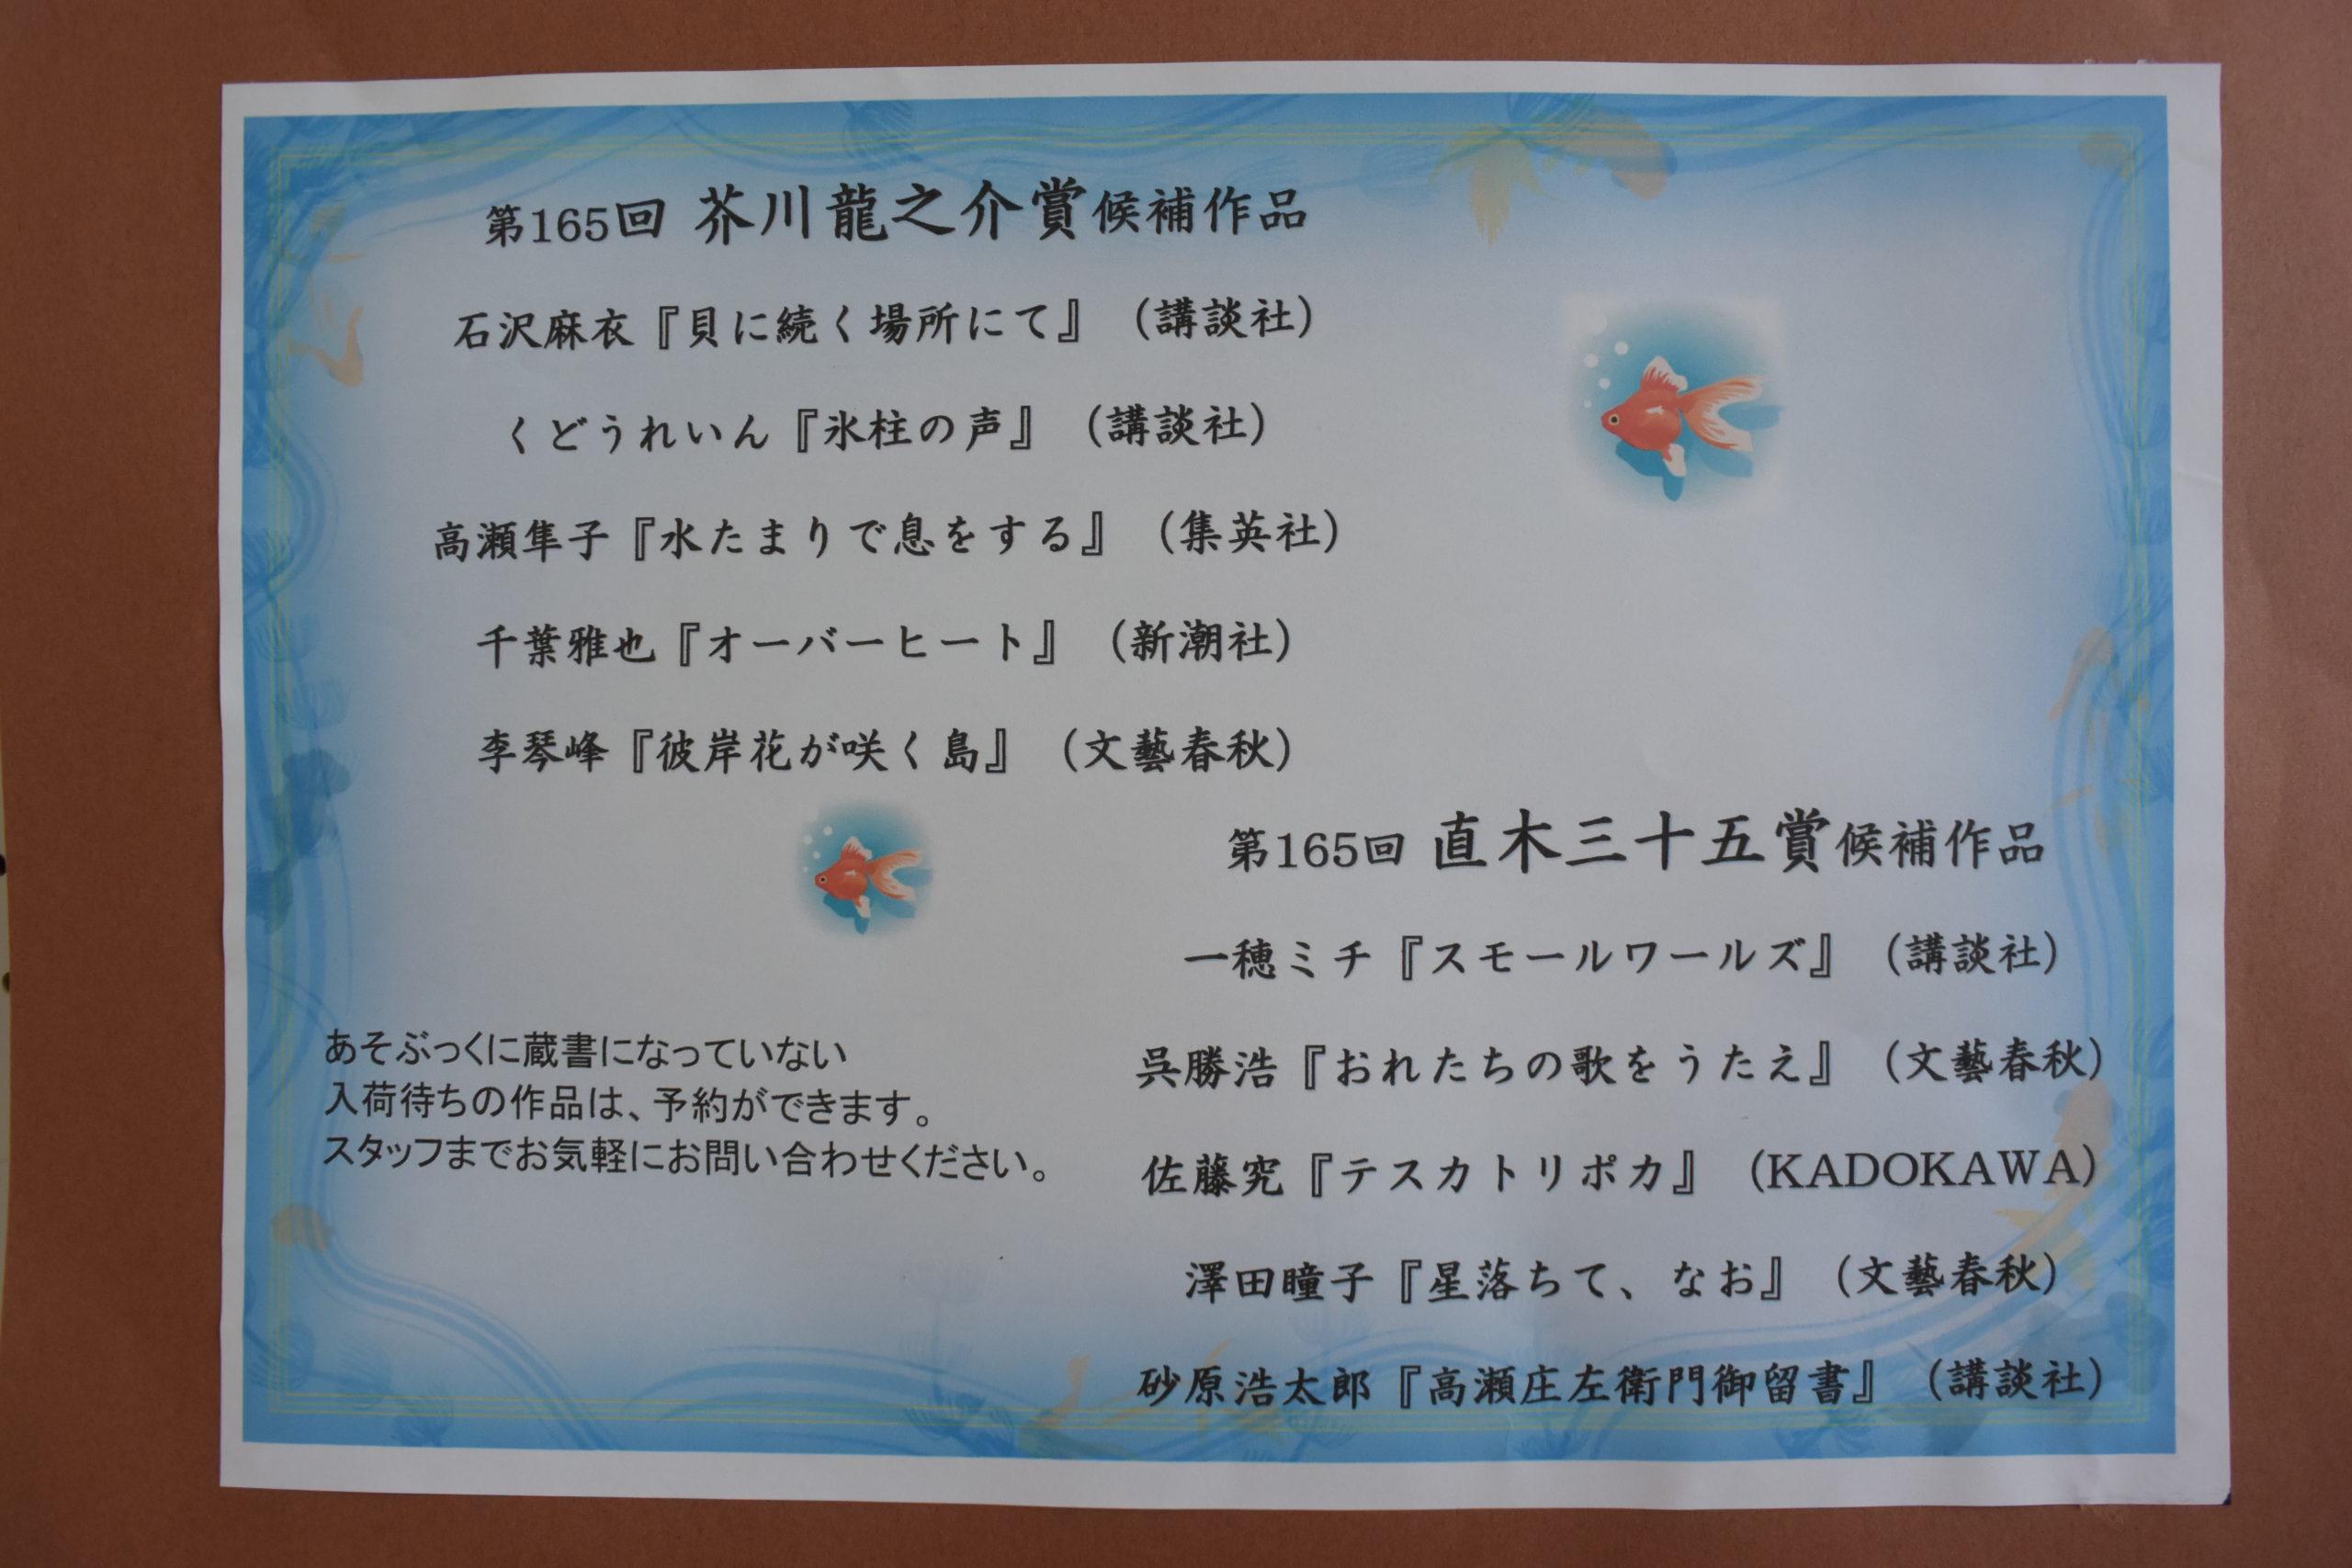 企画展示「第165回直木賞・芥川賞候補作品」